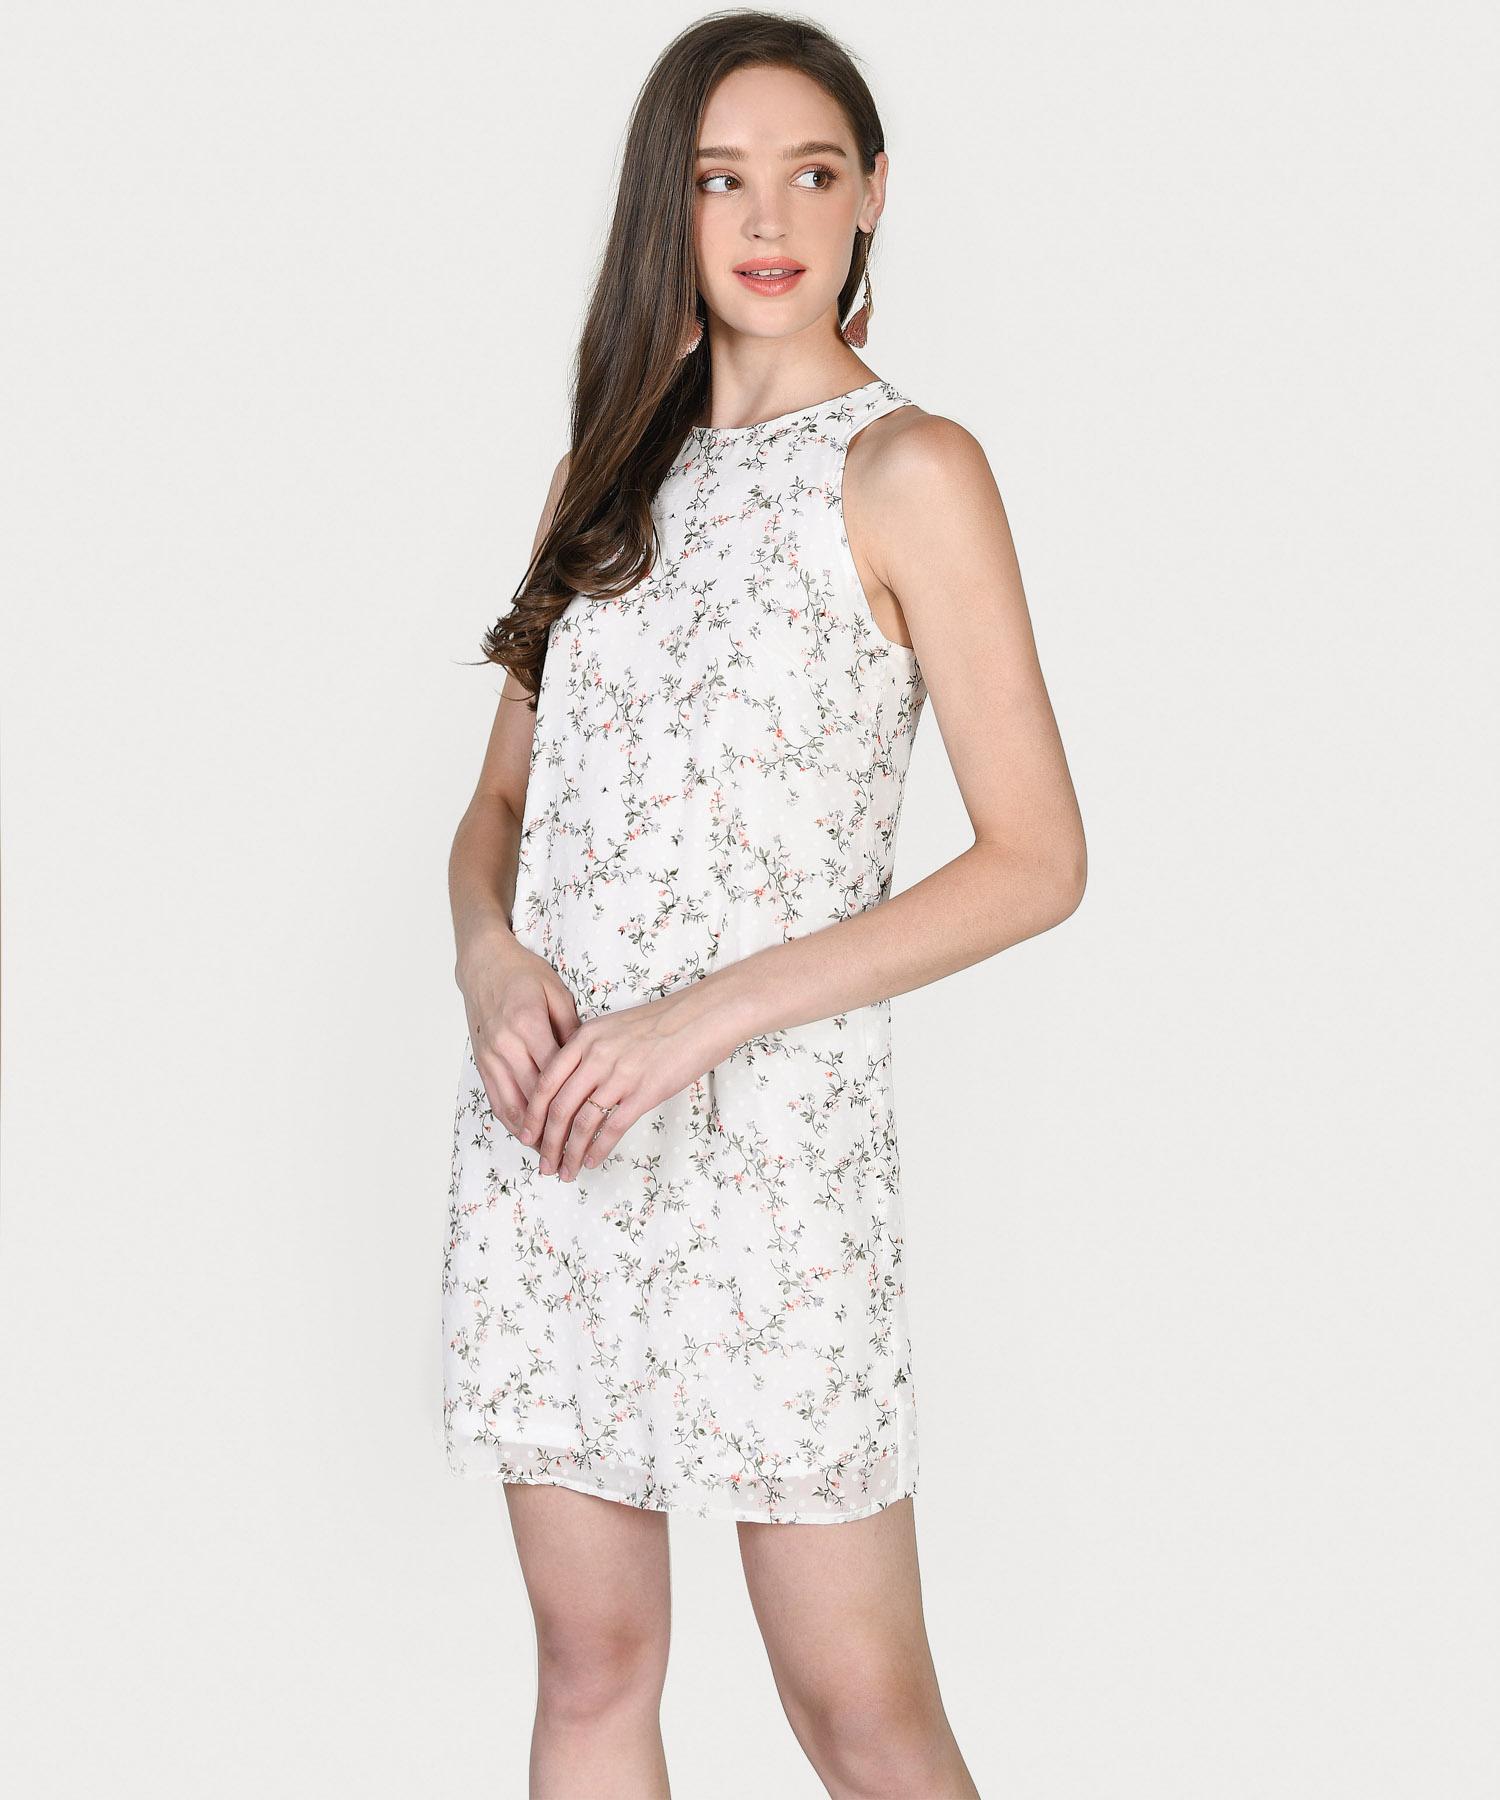 haylen-floral-textured-shift-dress-white-6